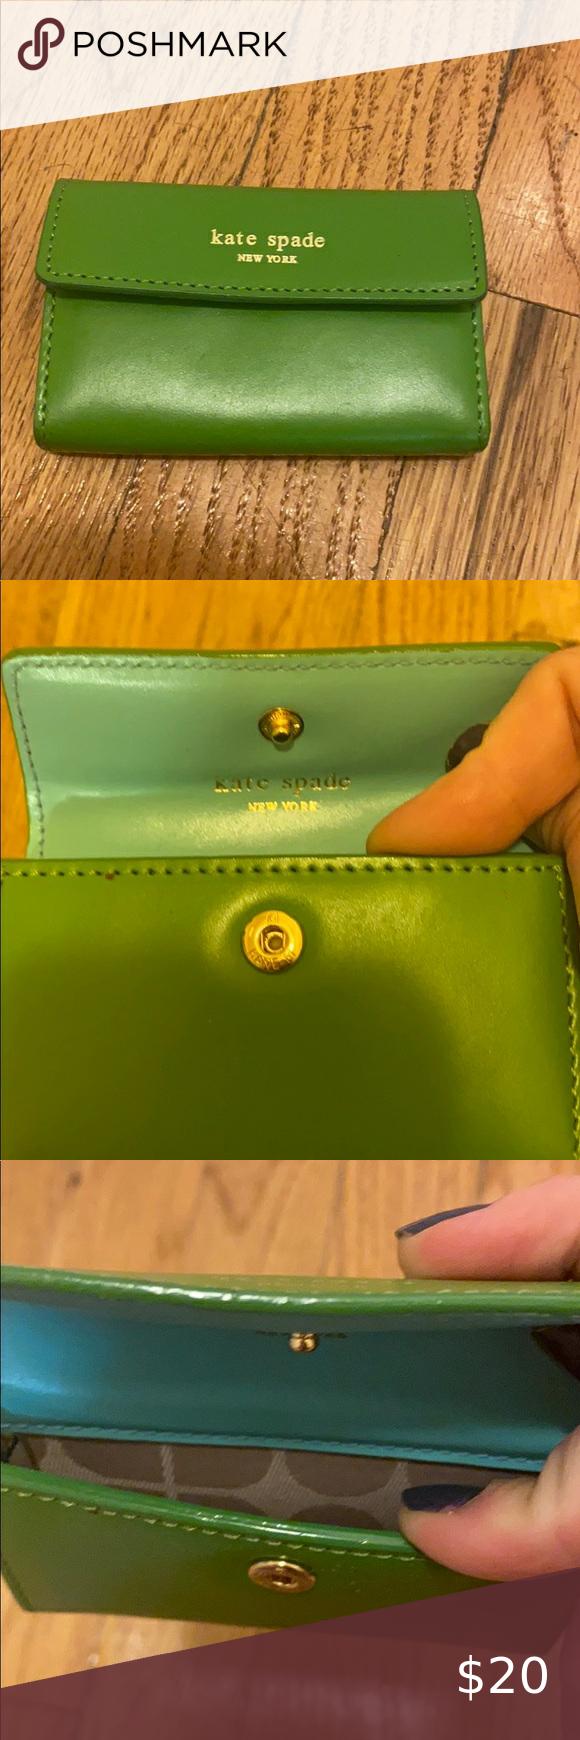 Kate Spade Business Card Holder Kate Spade Wallet Black Kate Spade Card Holder Kate Spade Passport Holder